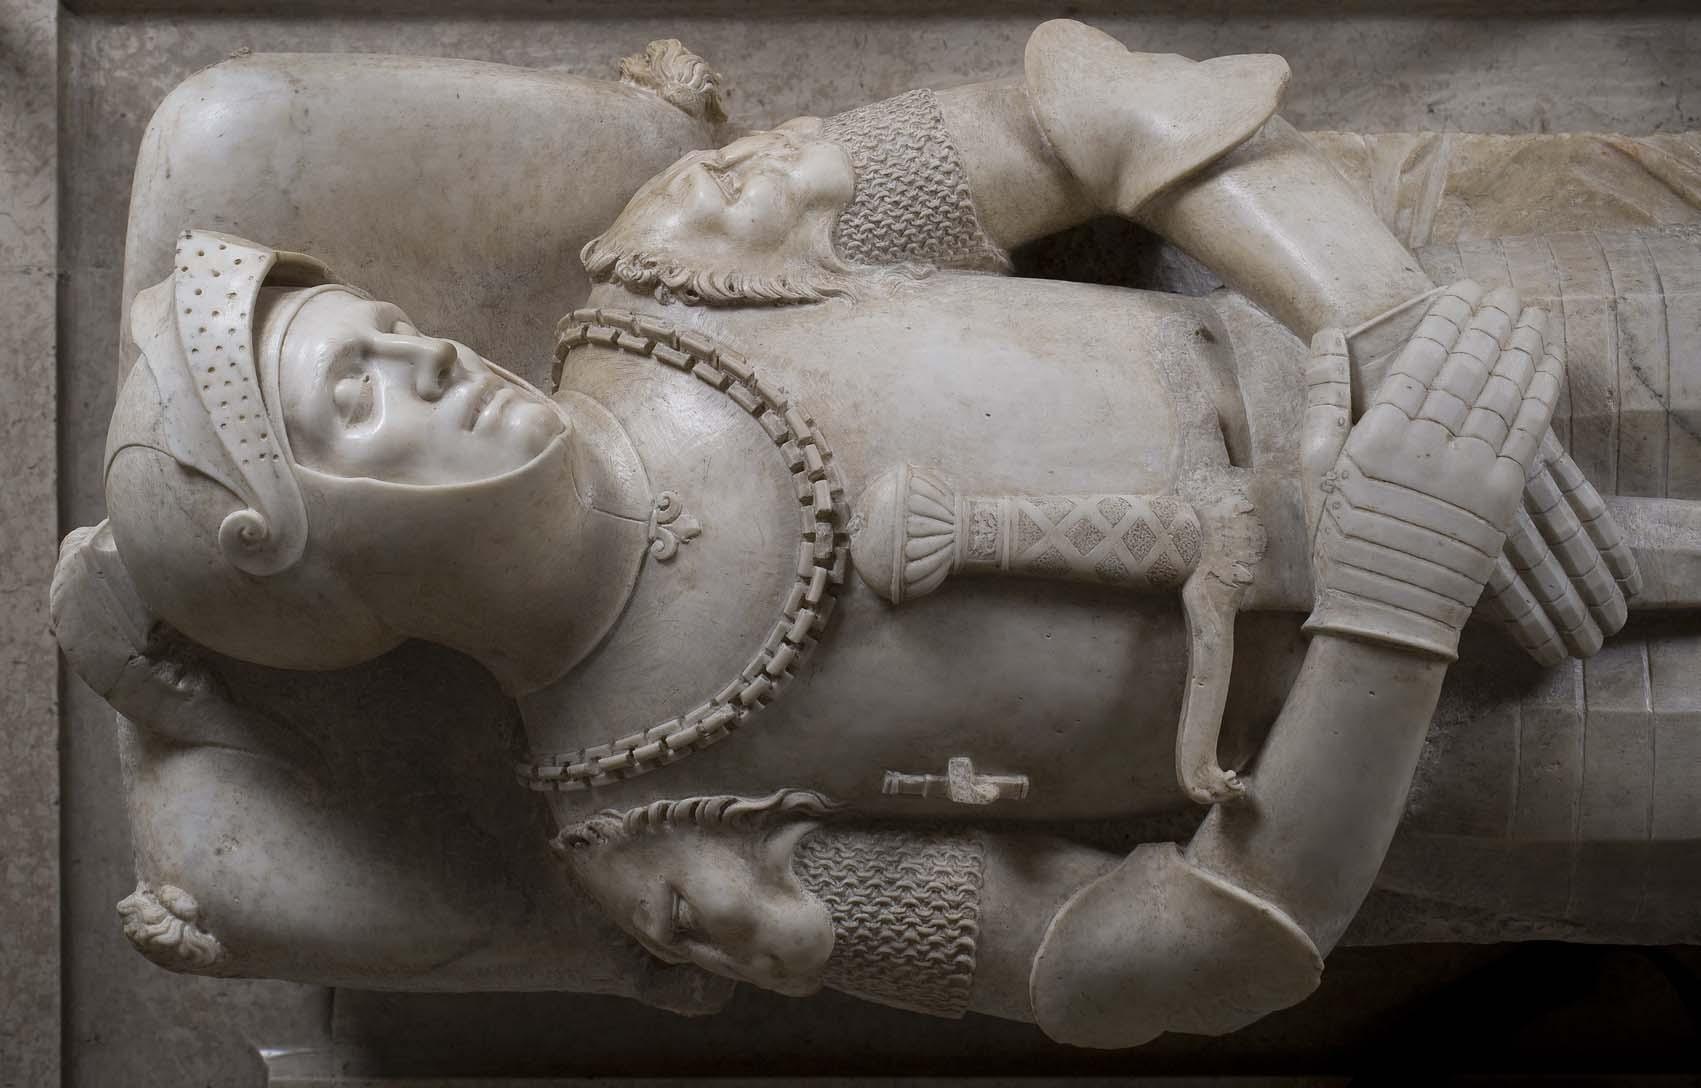 Lápida sepulcral de Guidarello Guidarelli, de Tullio Lombardo, 1532, mármol de Carrara, 32,5x172x60 cm, Rávena, Museo de la Ciudad.